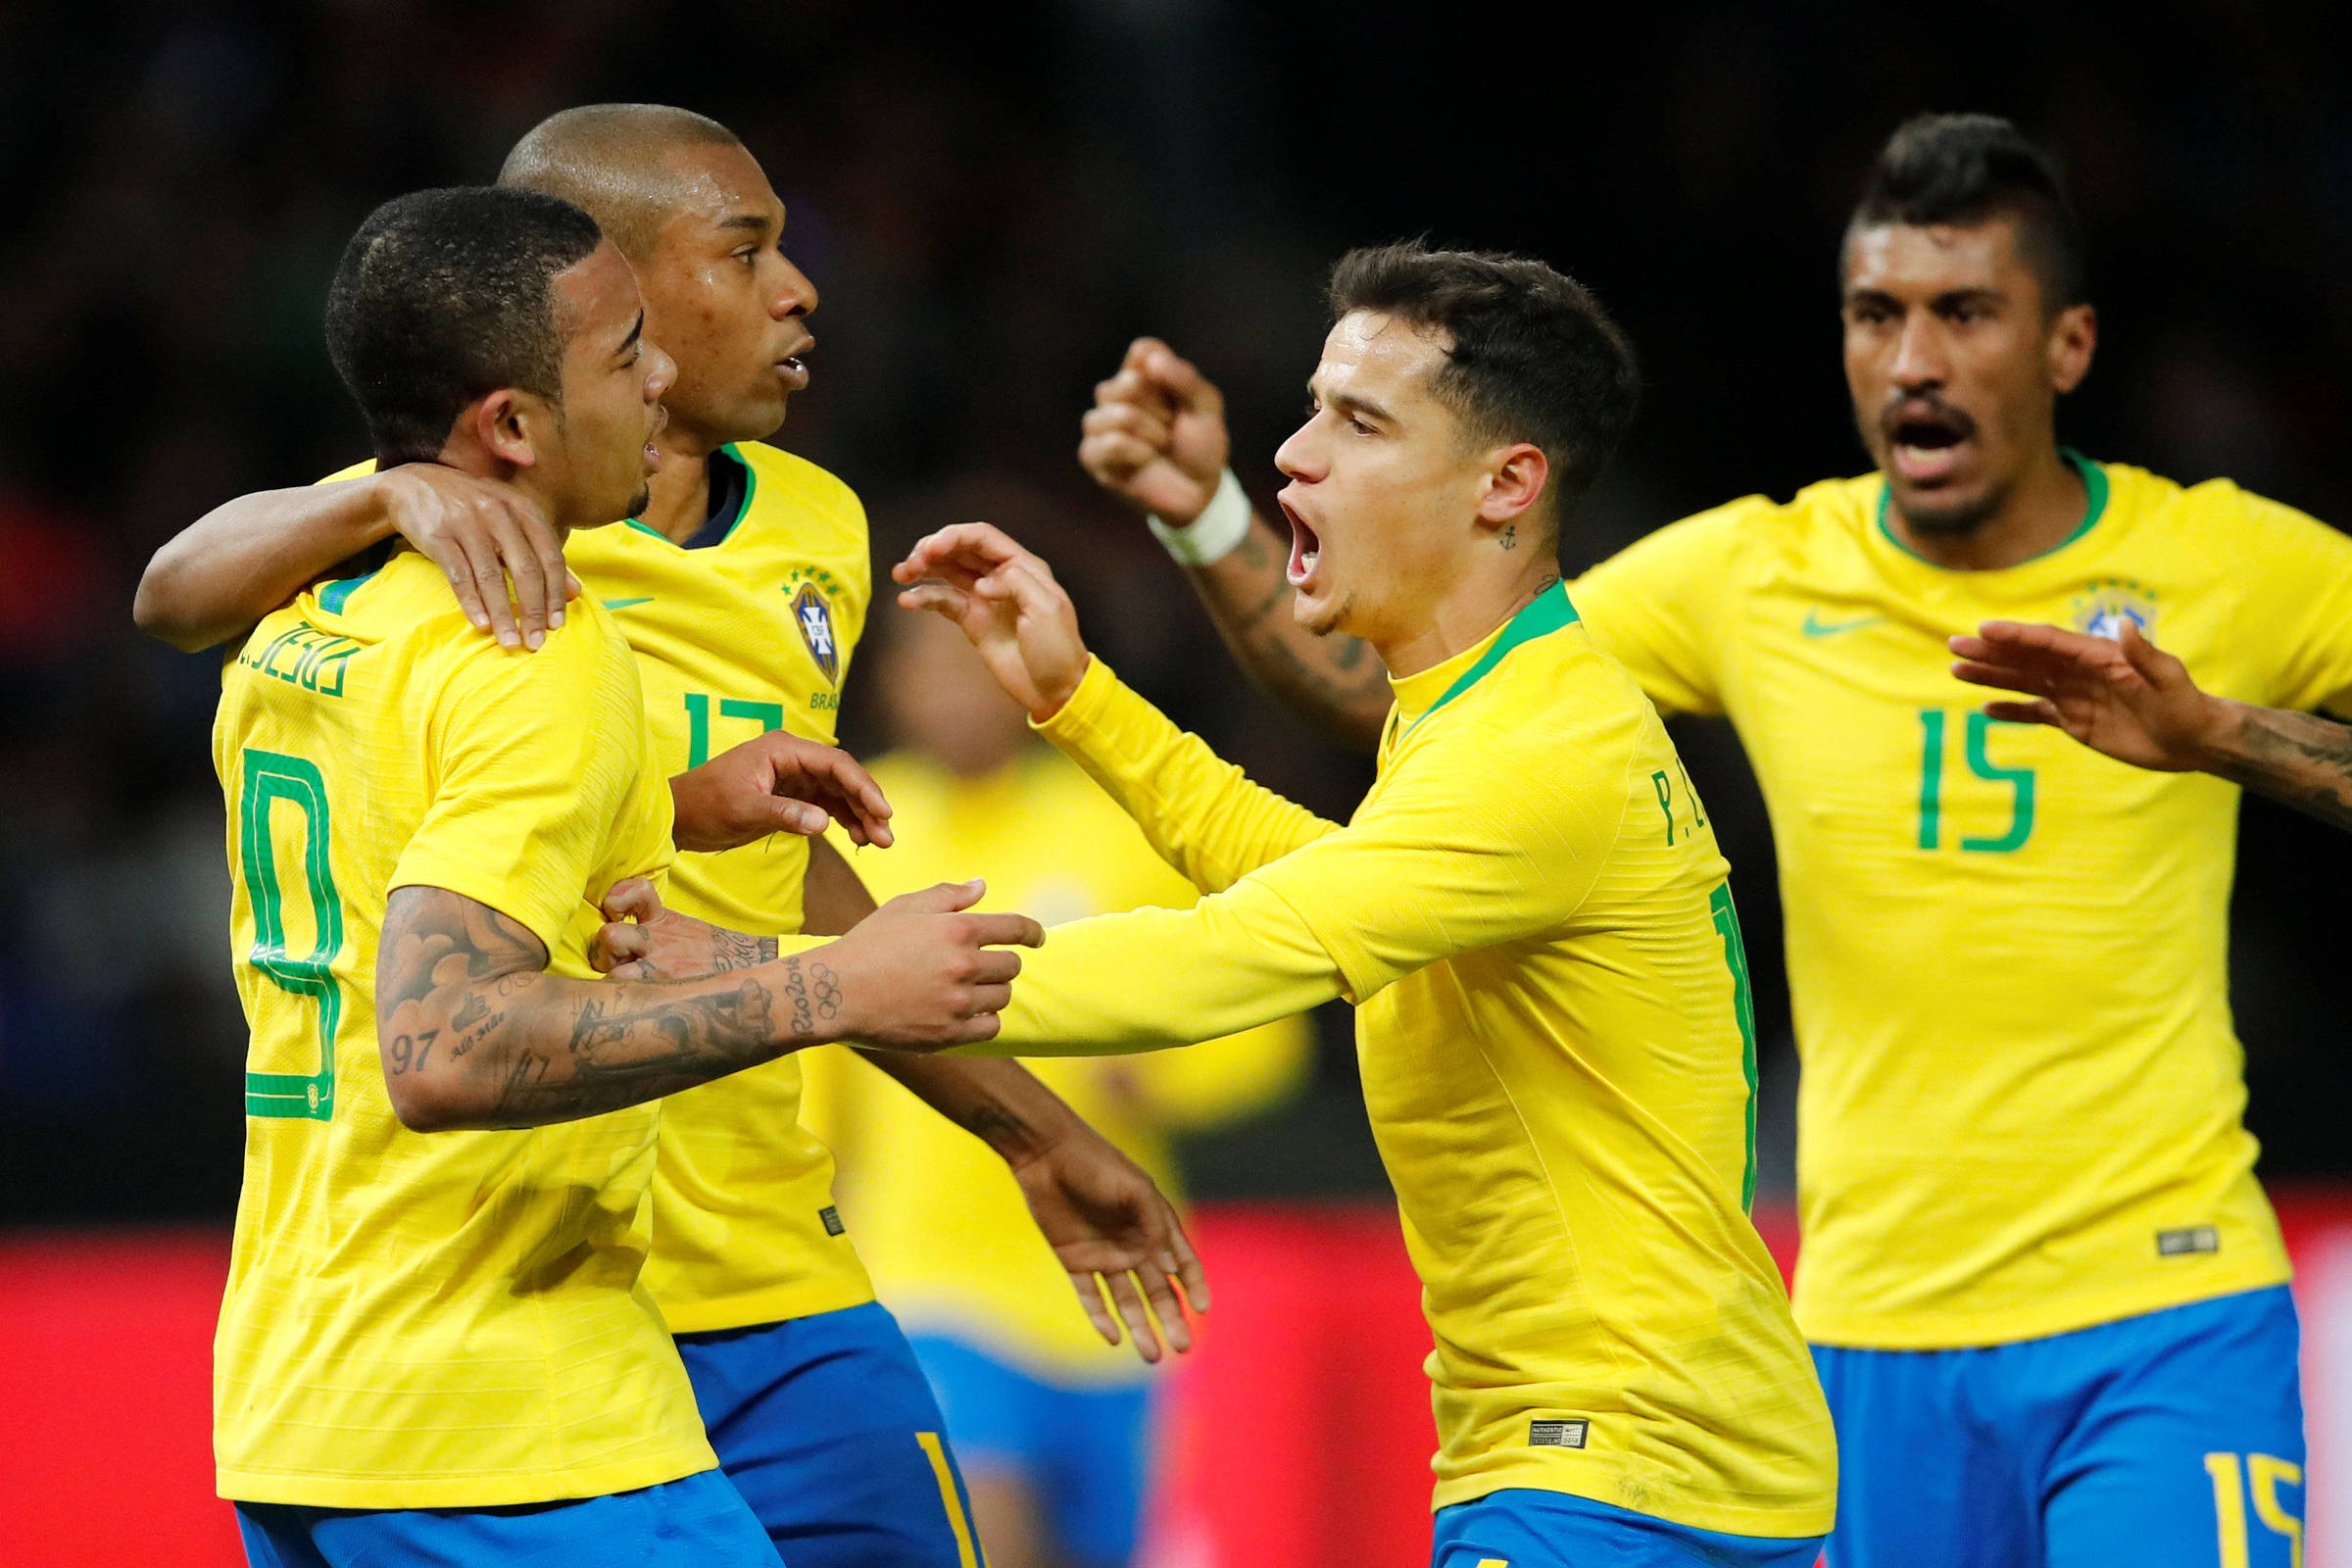 Brasil vence Alemanha e começa esquecer o 7 a 1 - 27 03 2018 - Esporte -  Folha 9b4f4382bf785